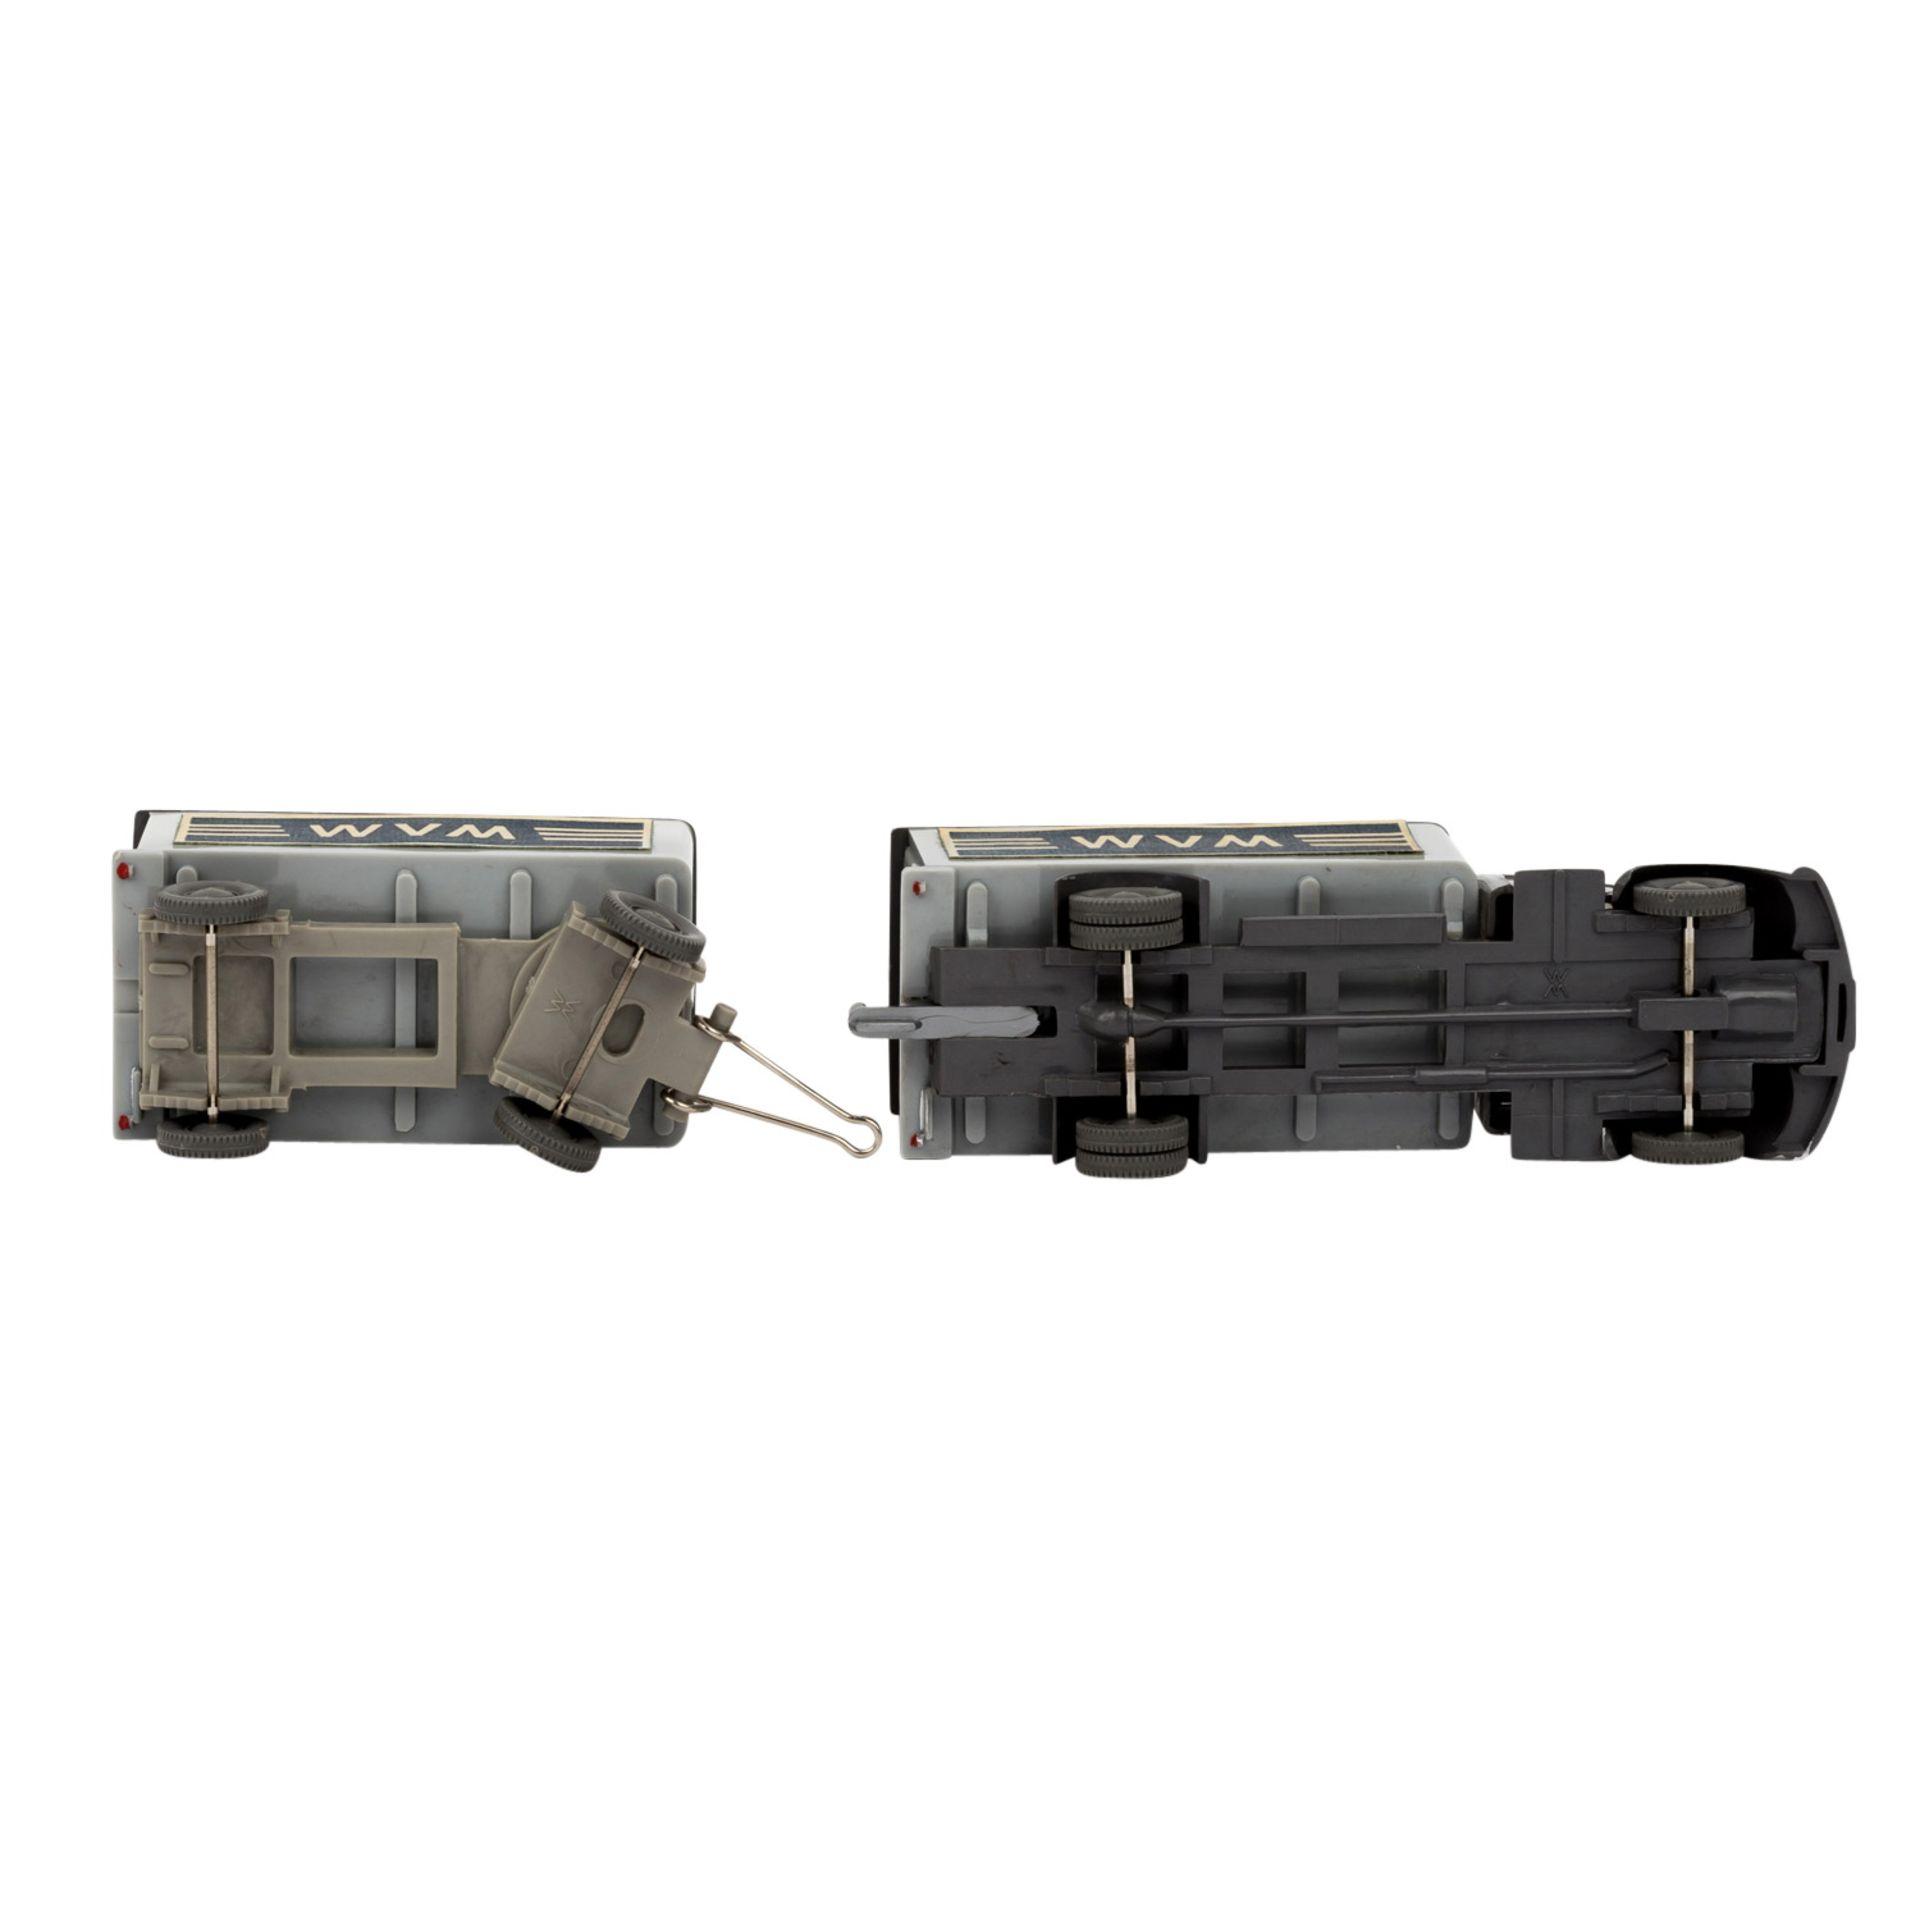 WIKING Magirus WVM, alter Koffer-LKW mit Anhänger 1961-62,LKW und Anhänger mit basal - Image 5 of 5